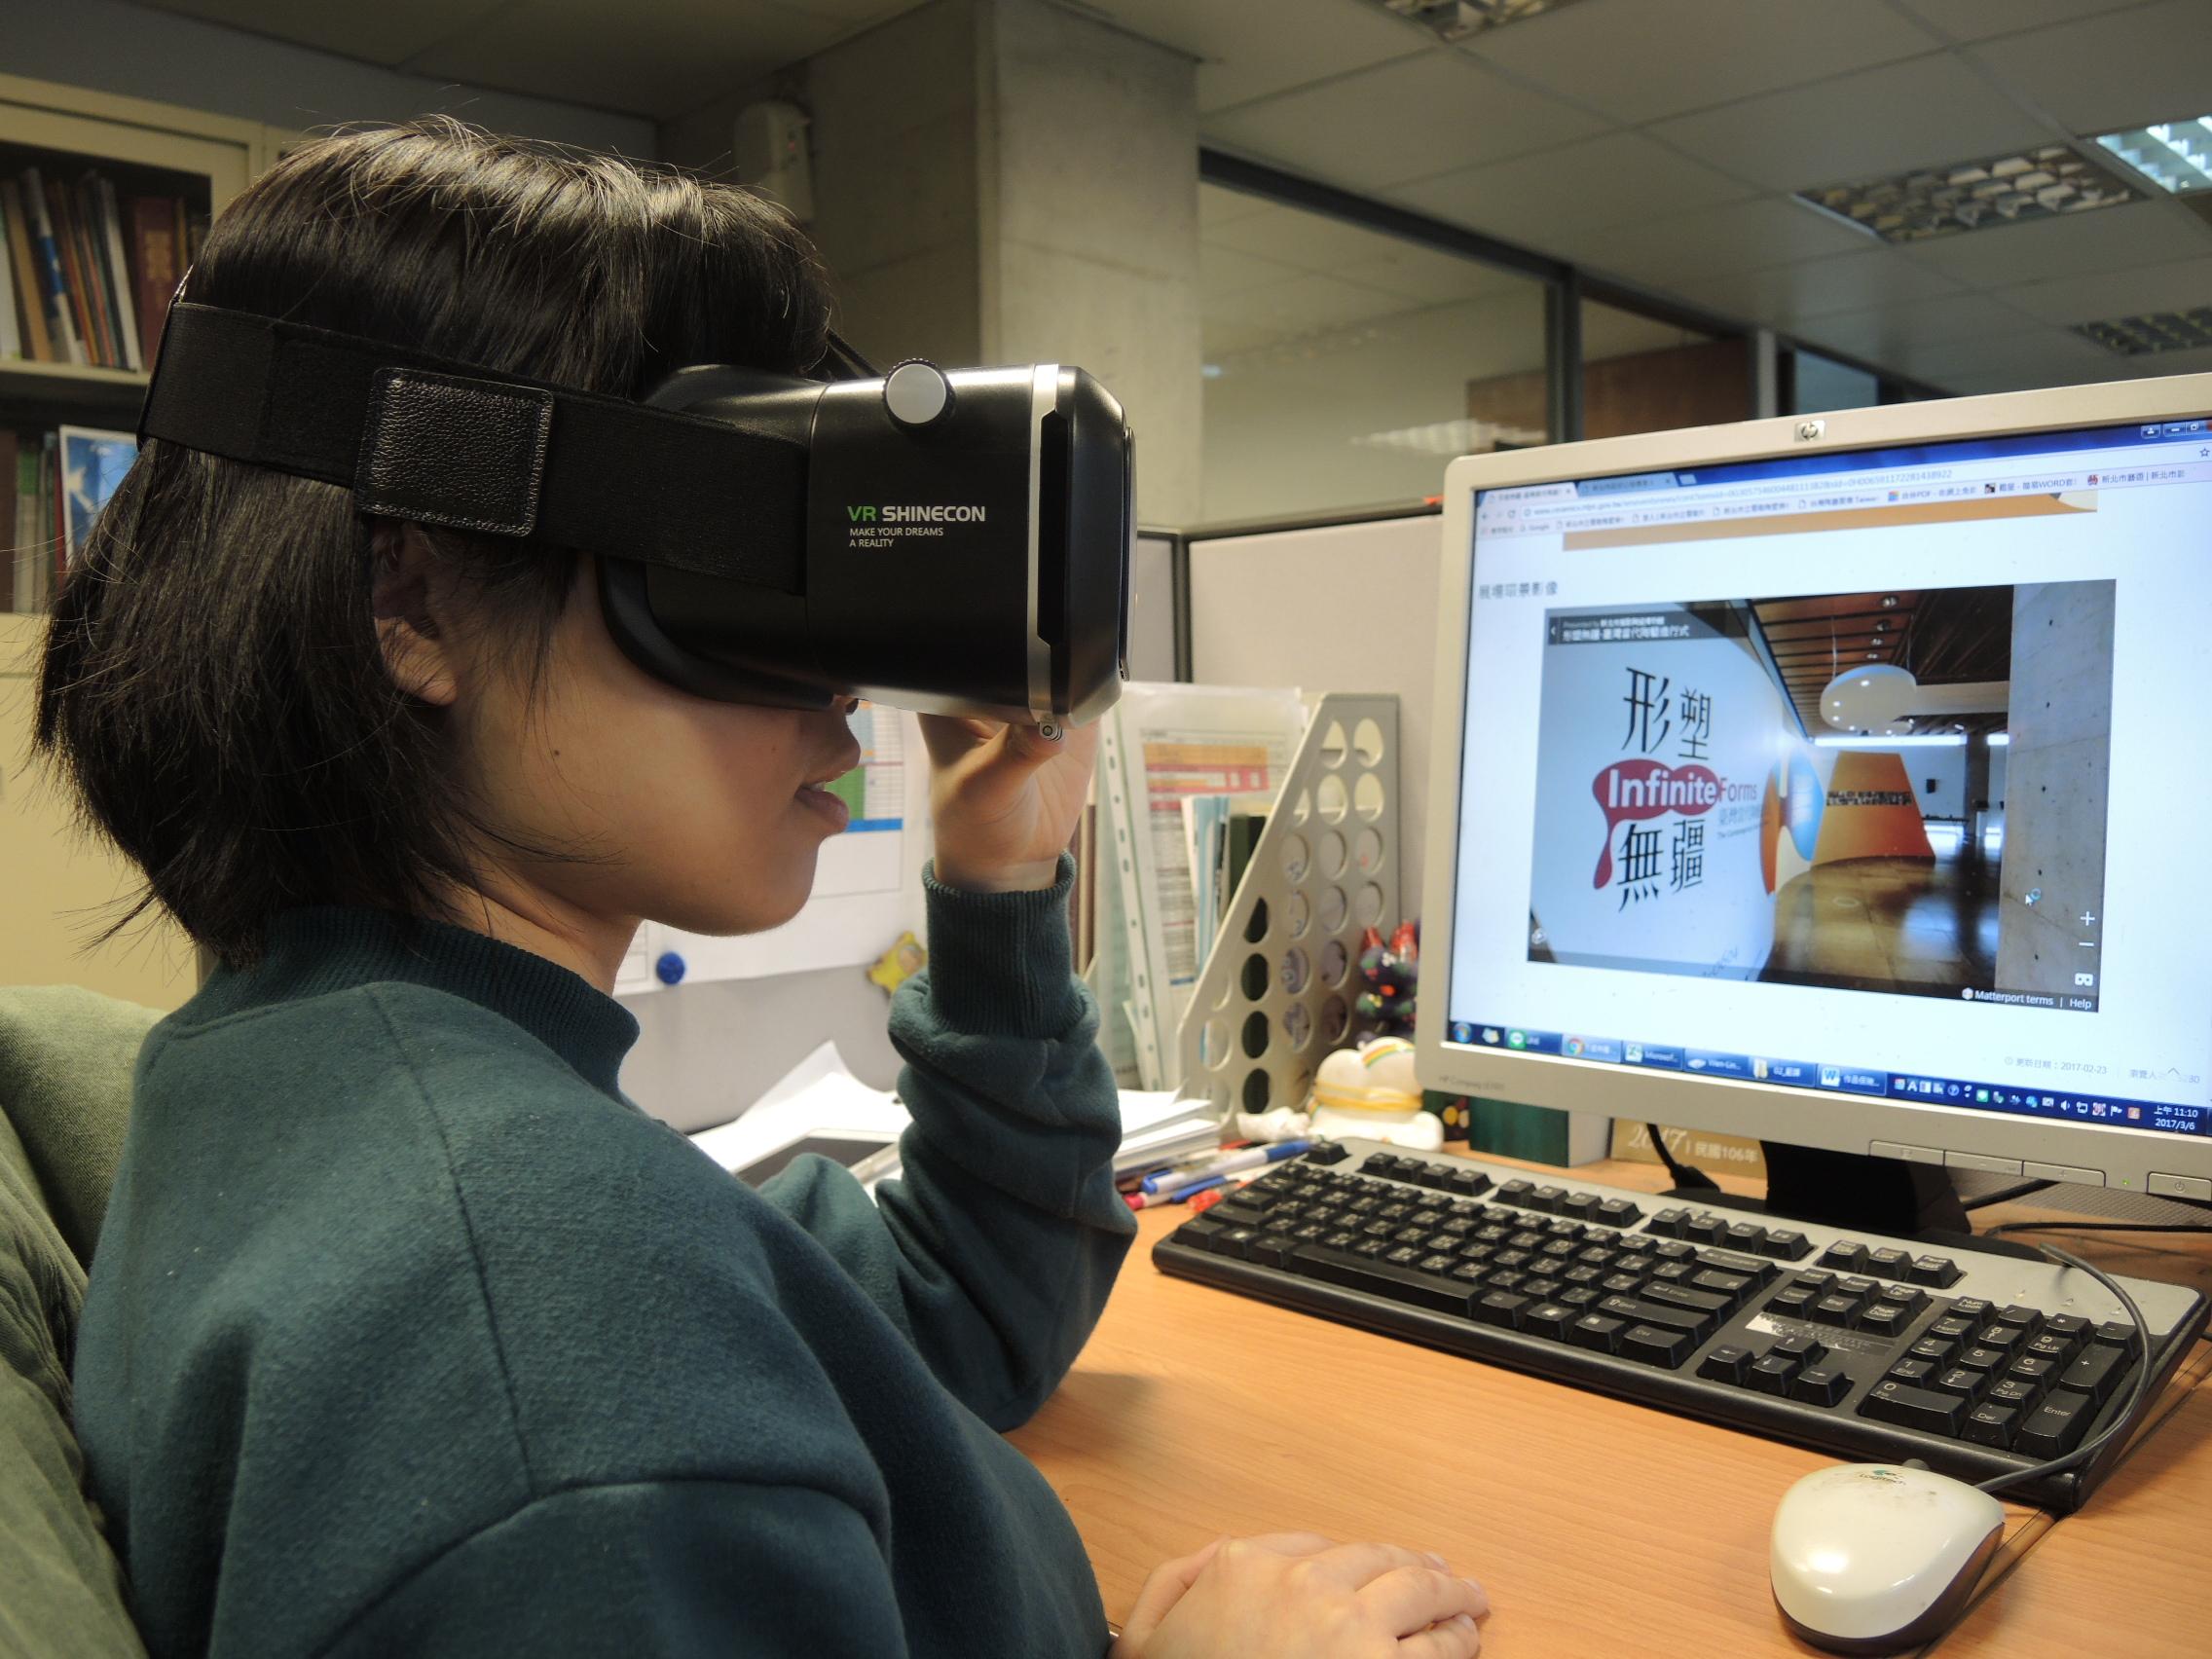 若工作太忙碌,民眾不妨抽空,到陶博官網欣賞特展360度環景影像或是戴上VR眼鏡「親臨」展場,不受時空限制,是不錯的休閒選擇。